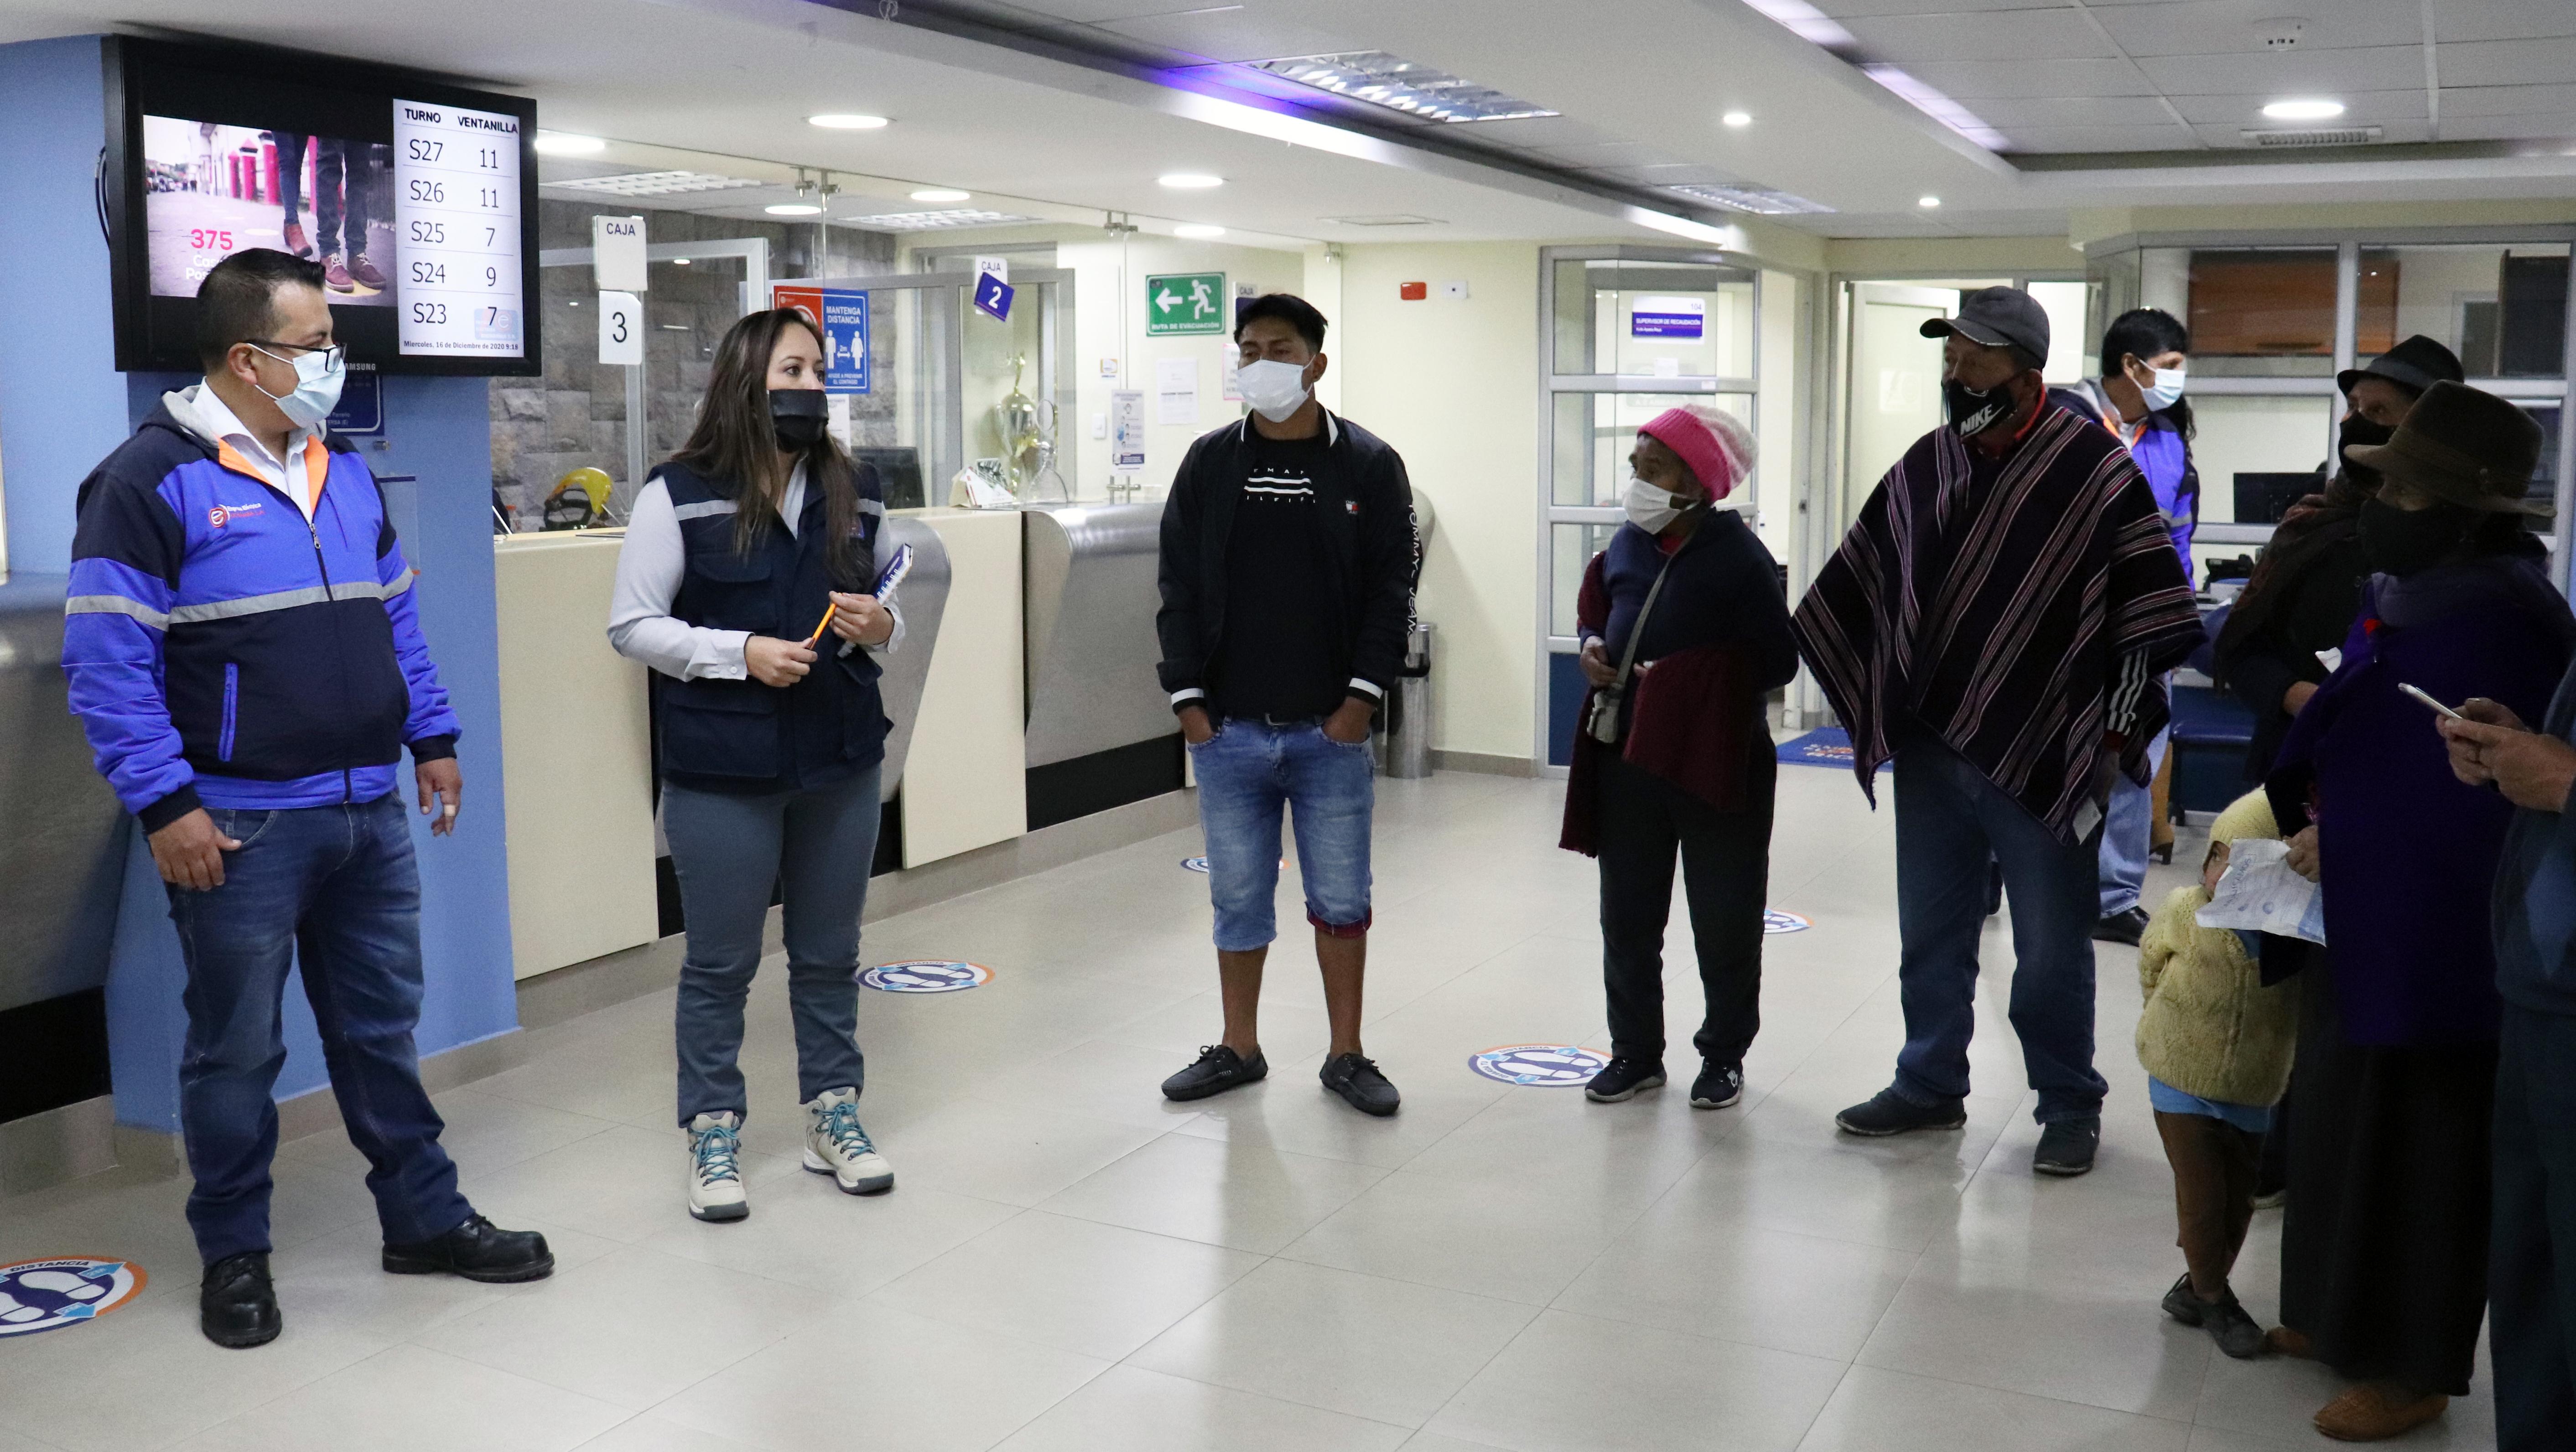 Aclaratoria: EERSA ejecutó simulacro en su edificio administrativo